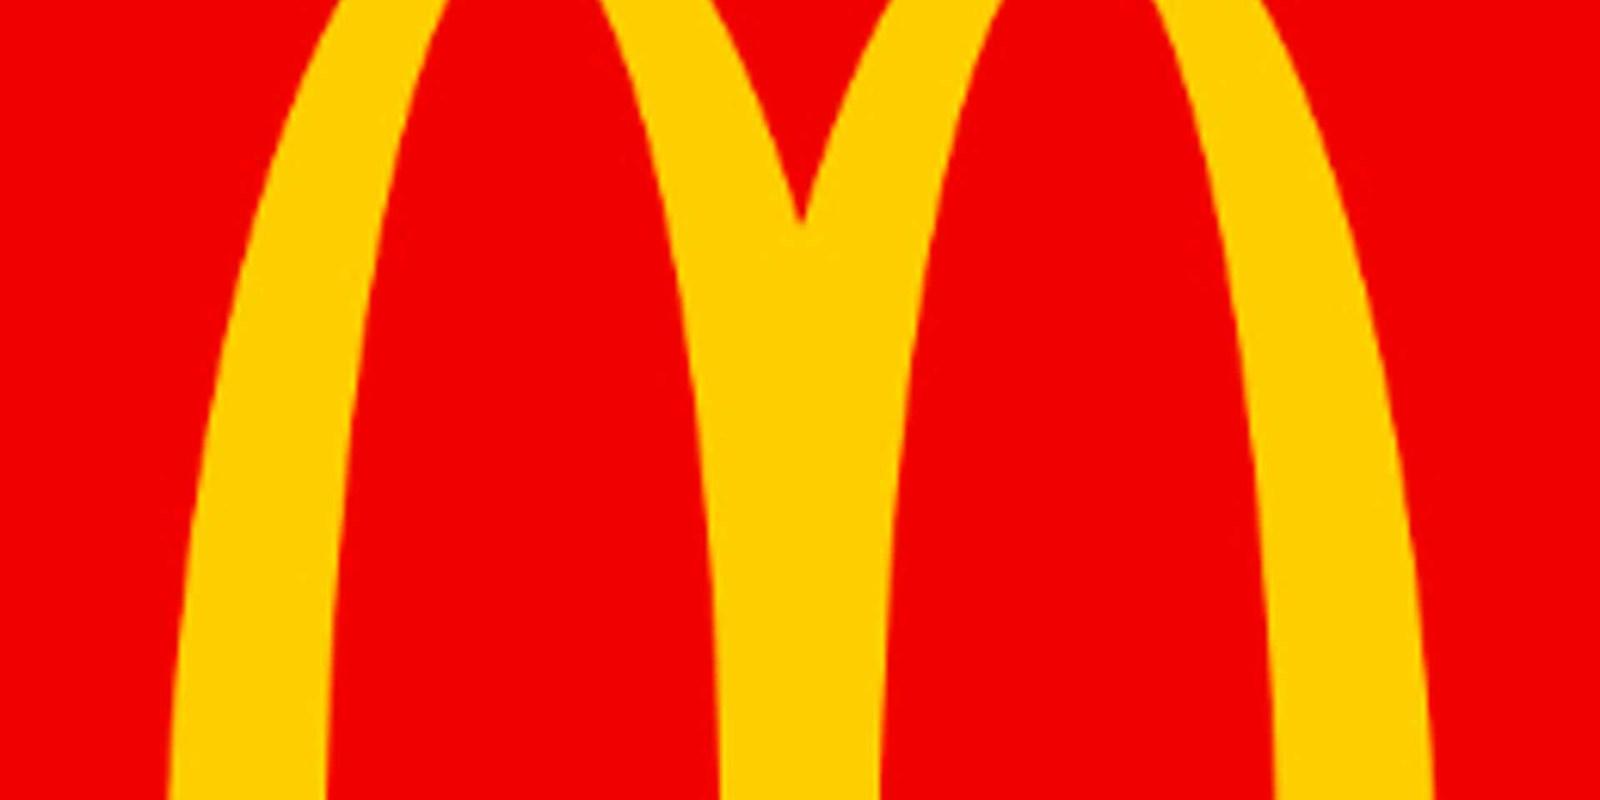 【菜單】麥當勞菜單 – 2021年新菜單| McDonalds超值全餐價目表